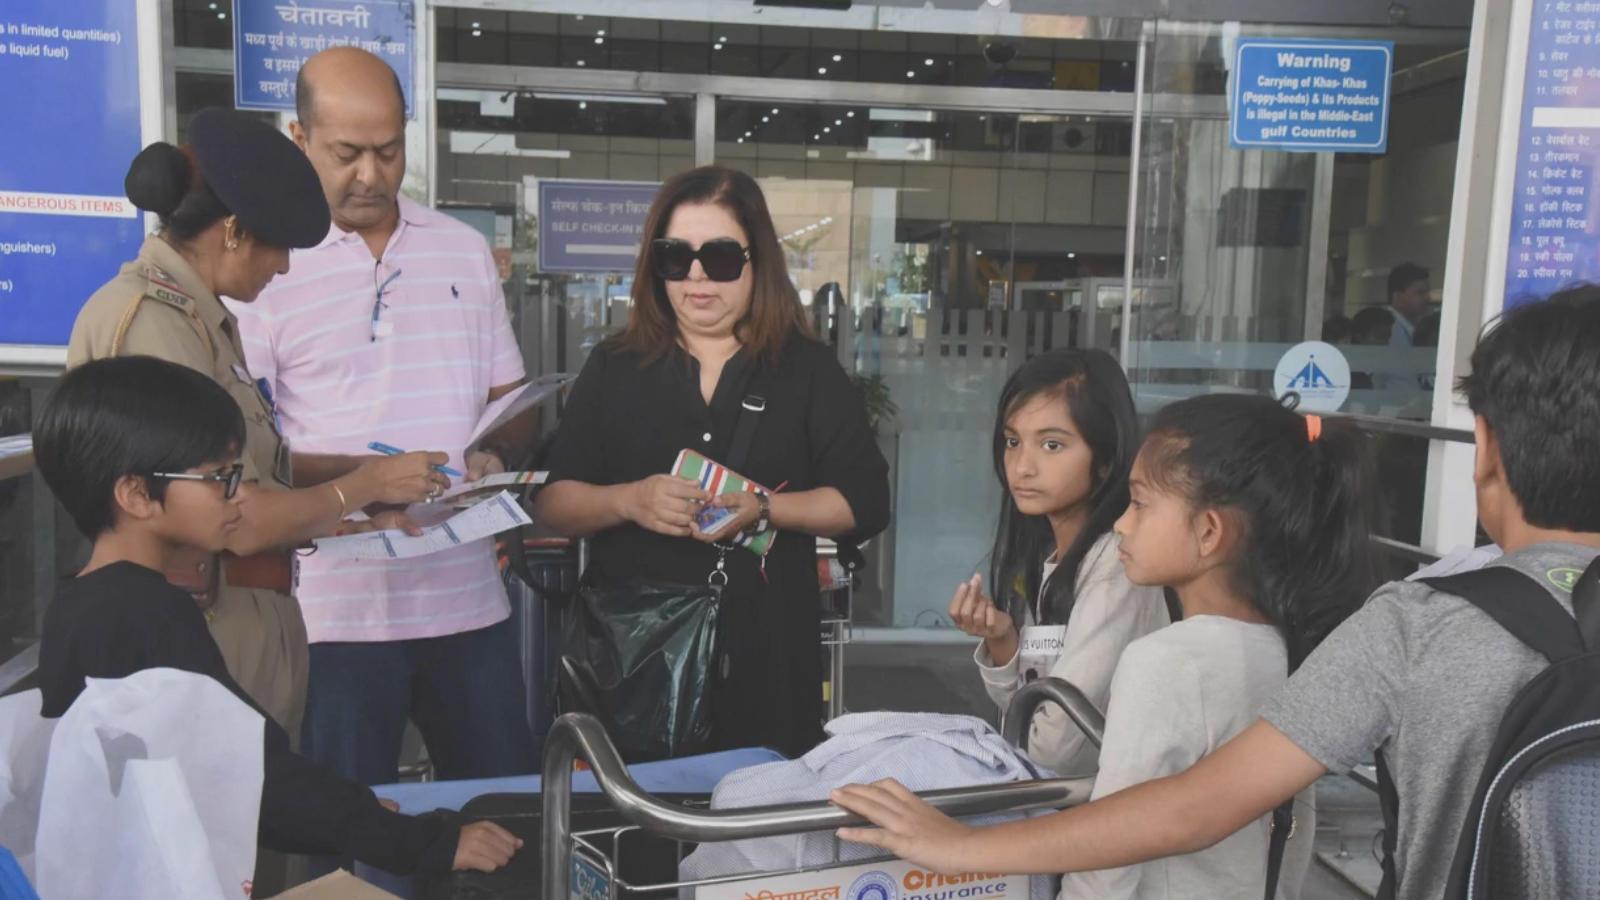 Farah Khan returns to Mumbai after holidaying in Jaipur with kids